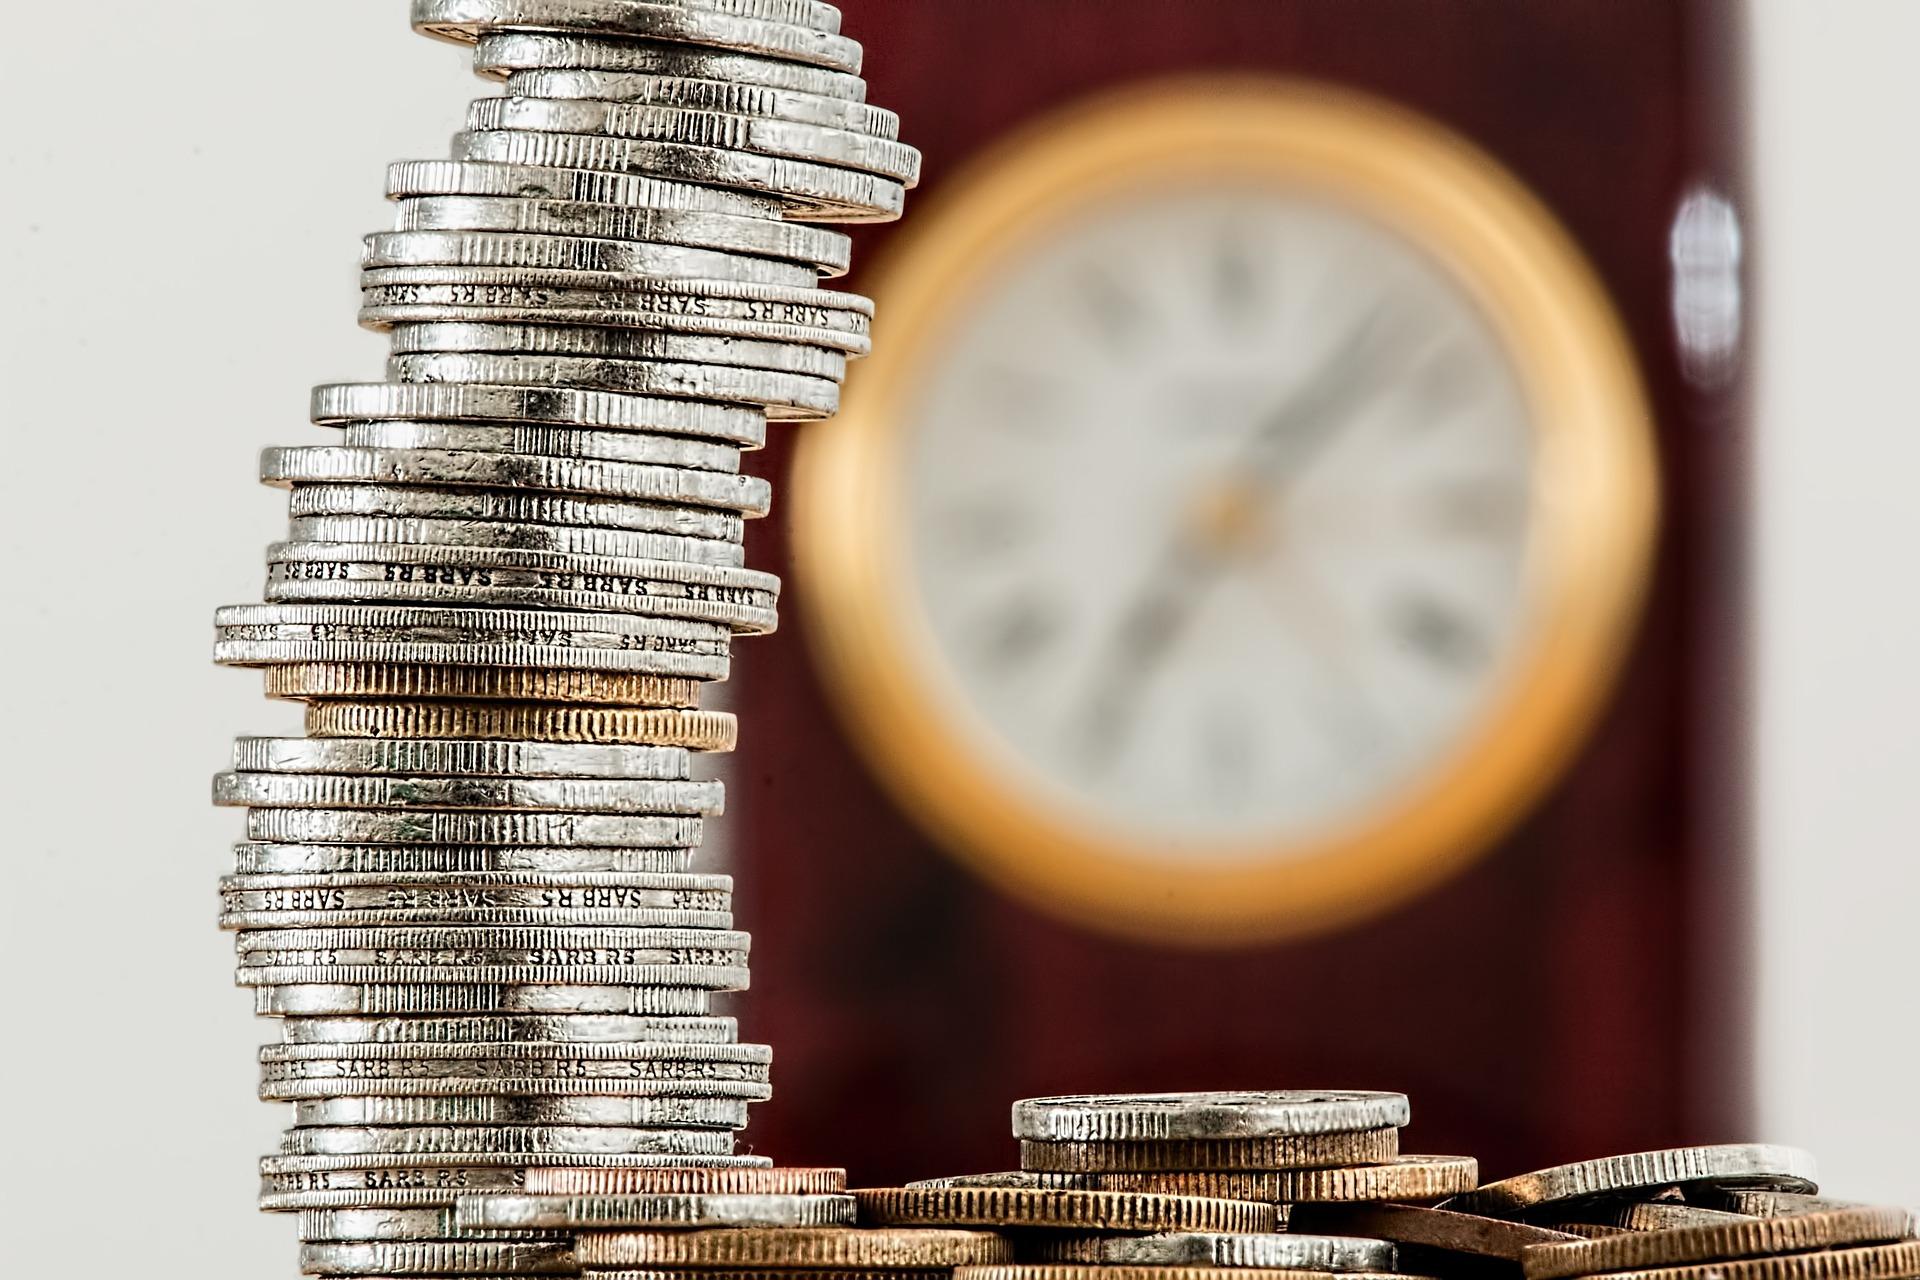 Нові тарифи скоро у ProZorro: Уряд змінює порядок роботи системи закупівель